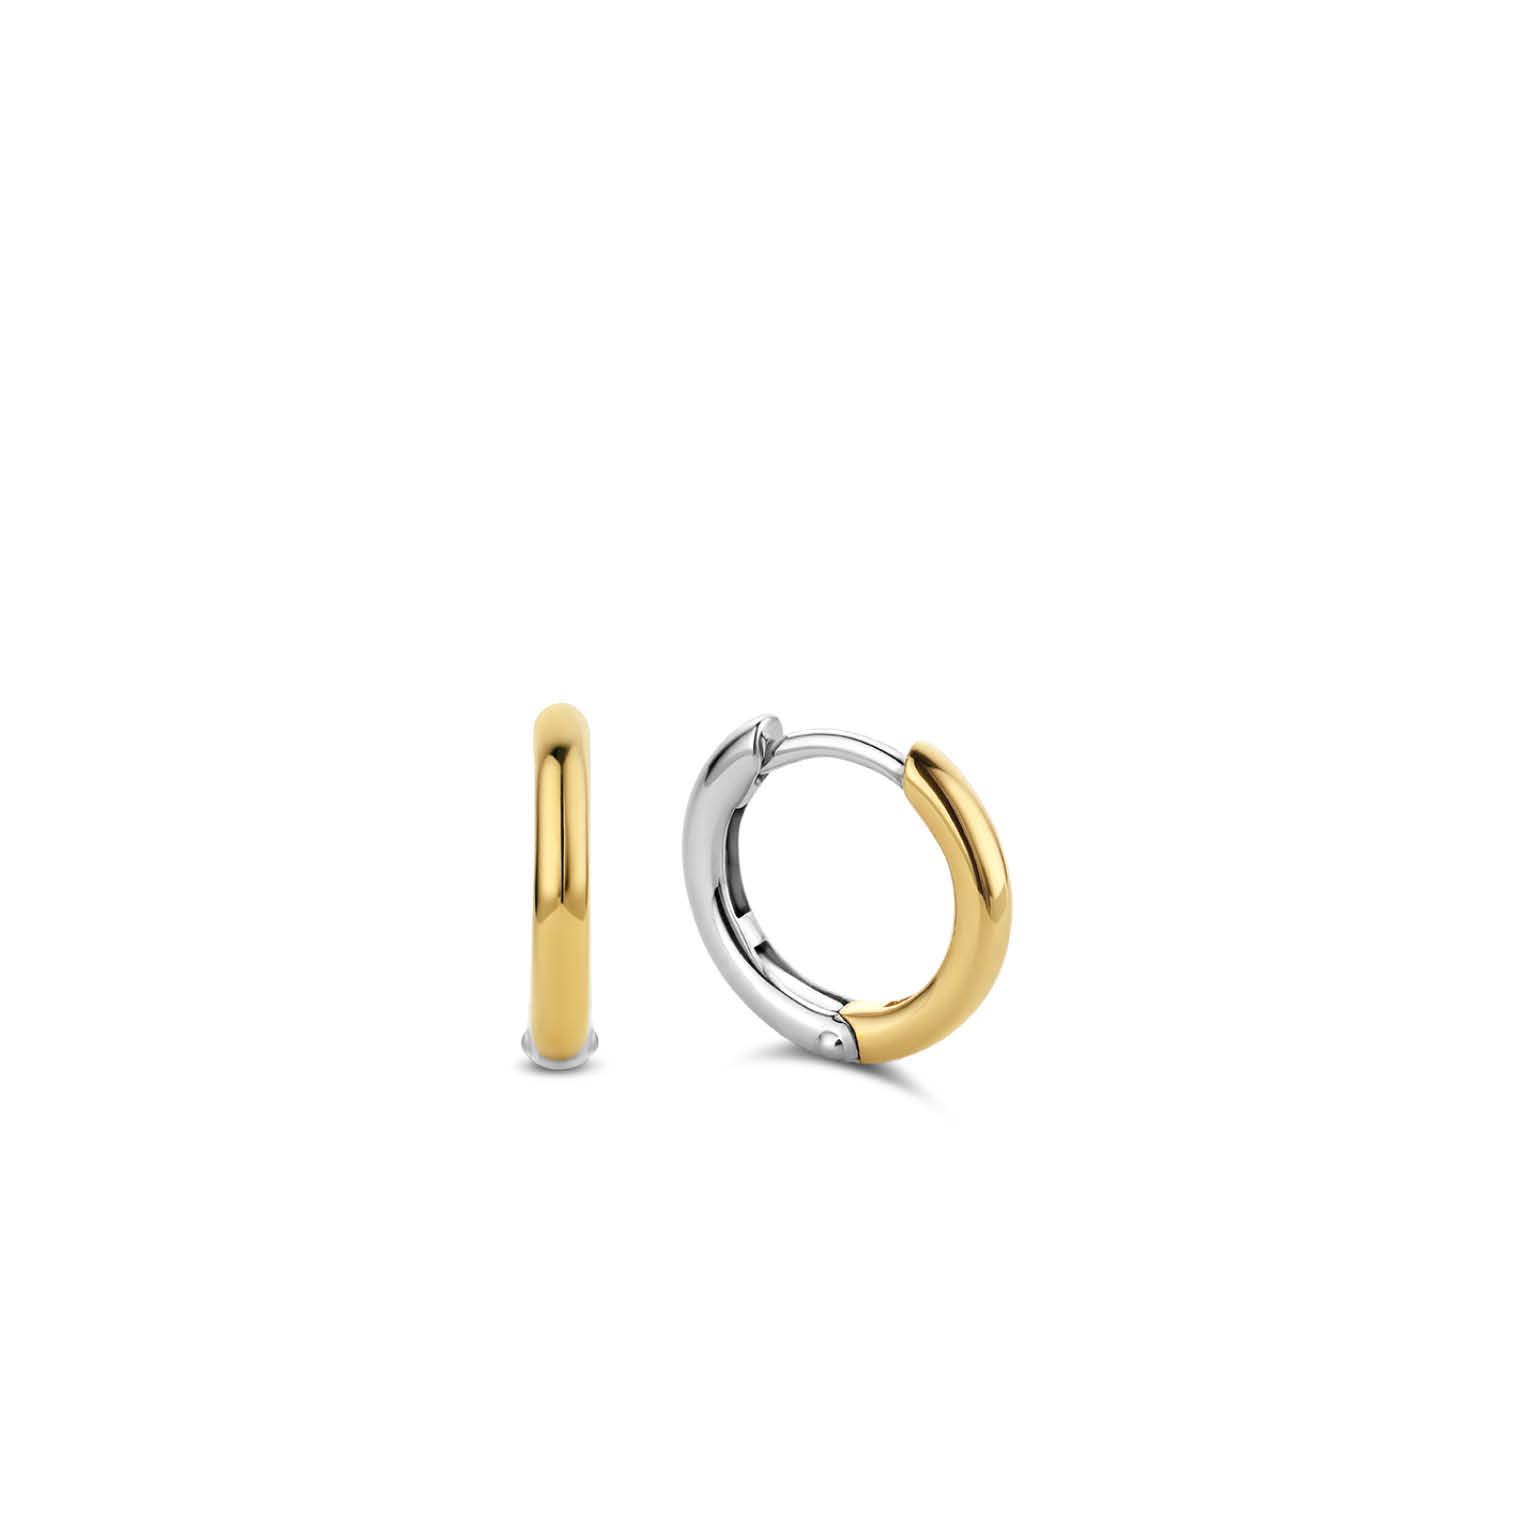 TI SENTO - Milano Earrings 7812SY-3